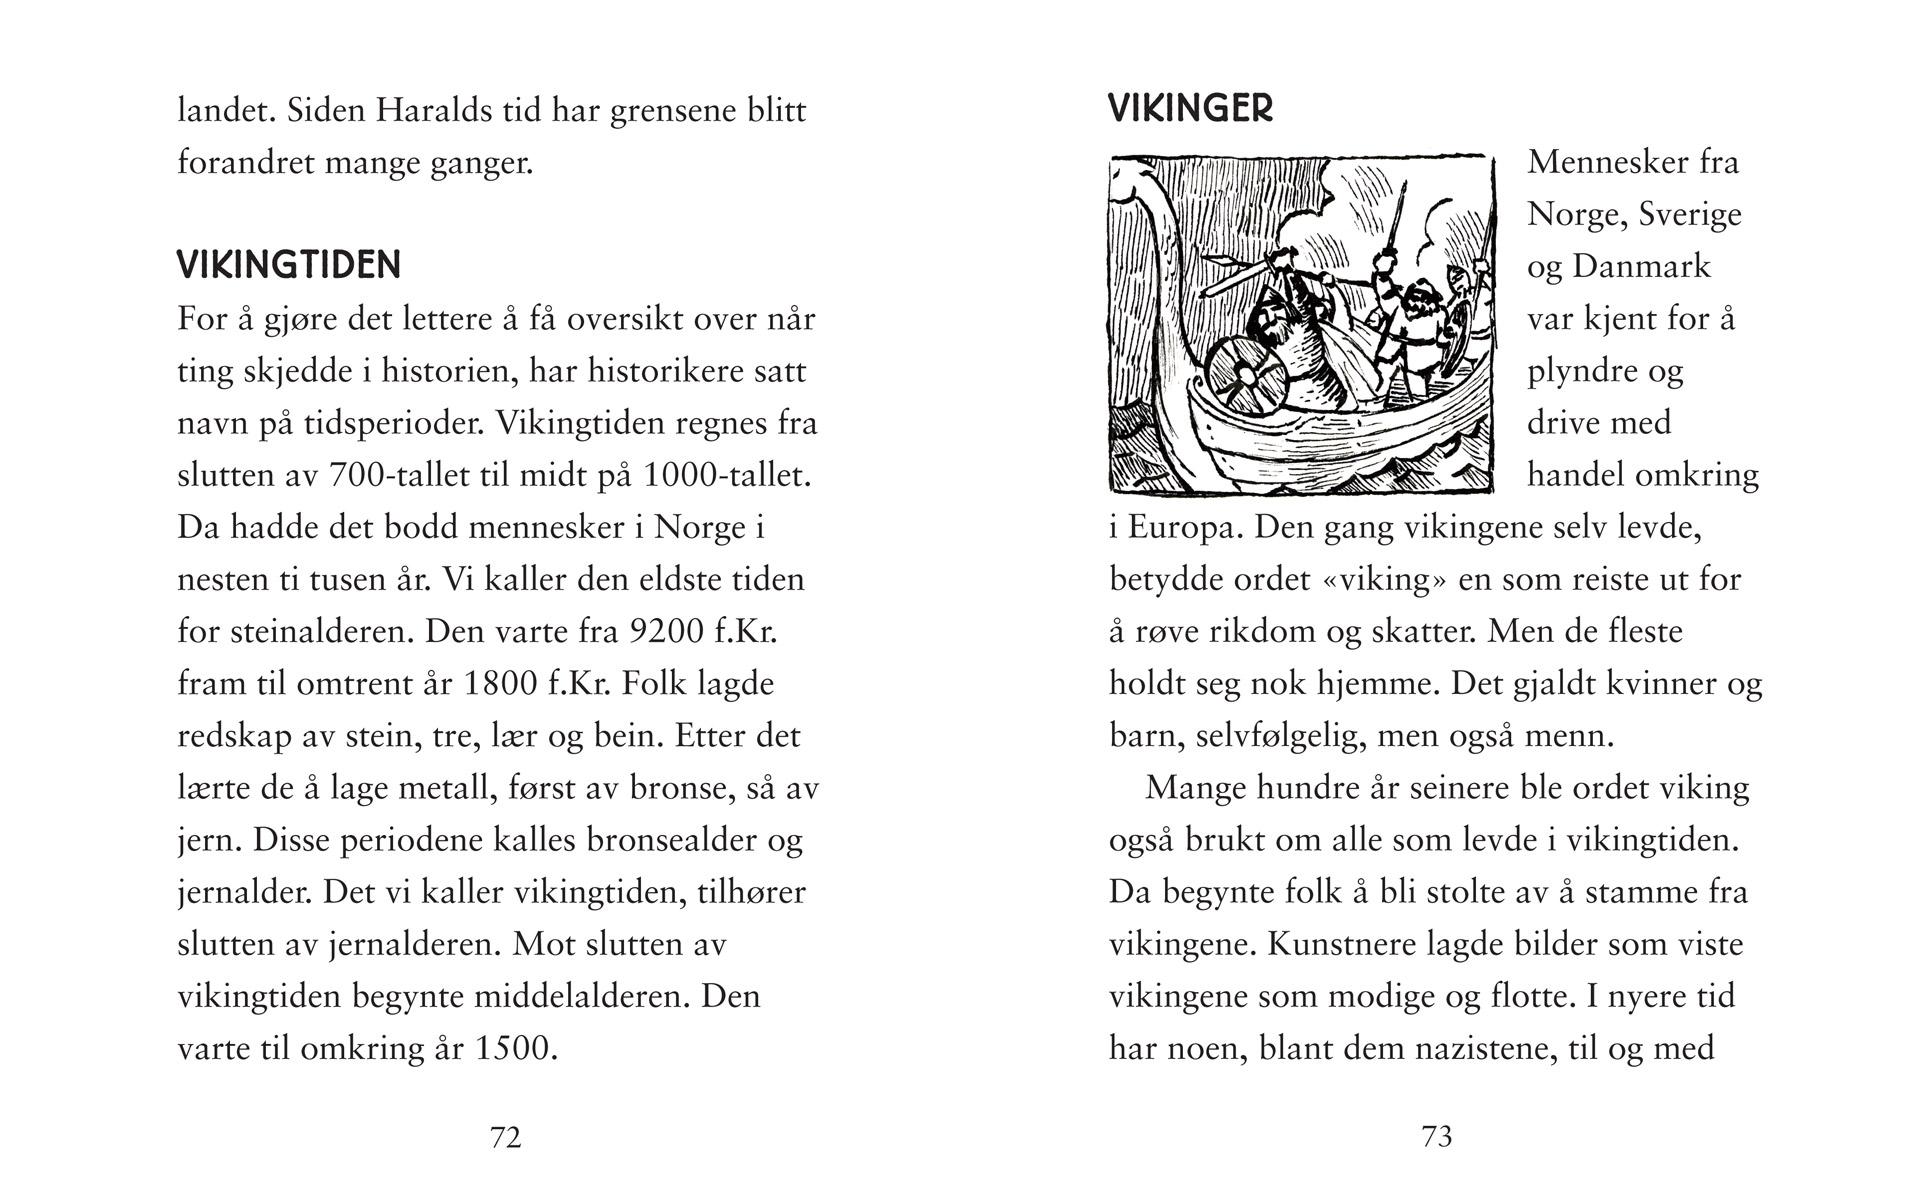 forandre på nynorsk